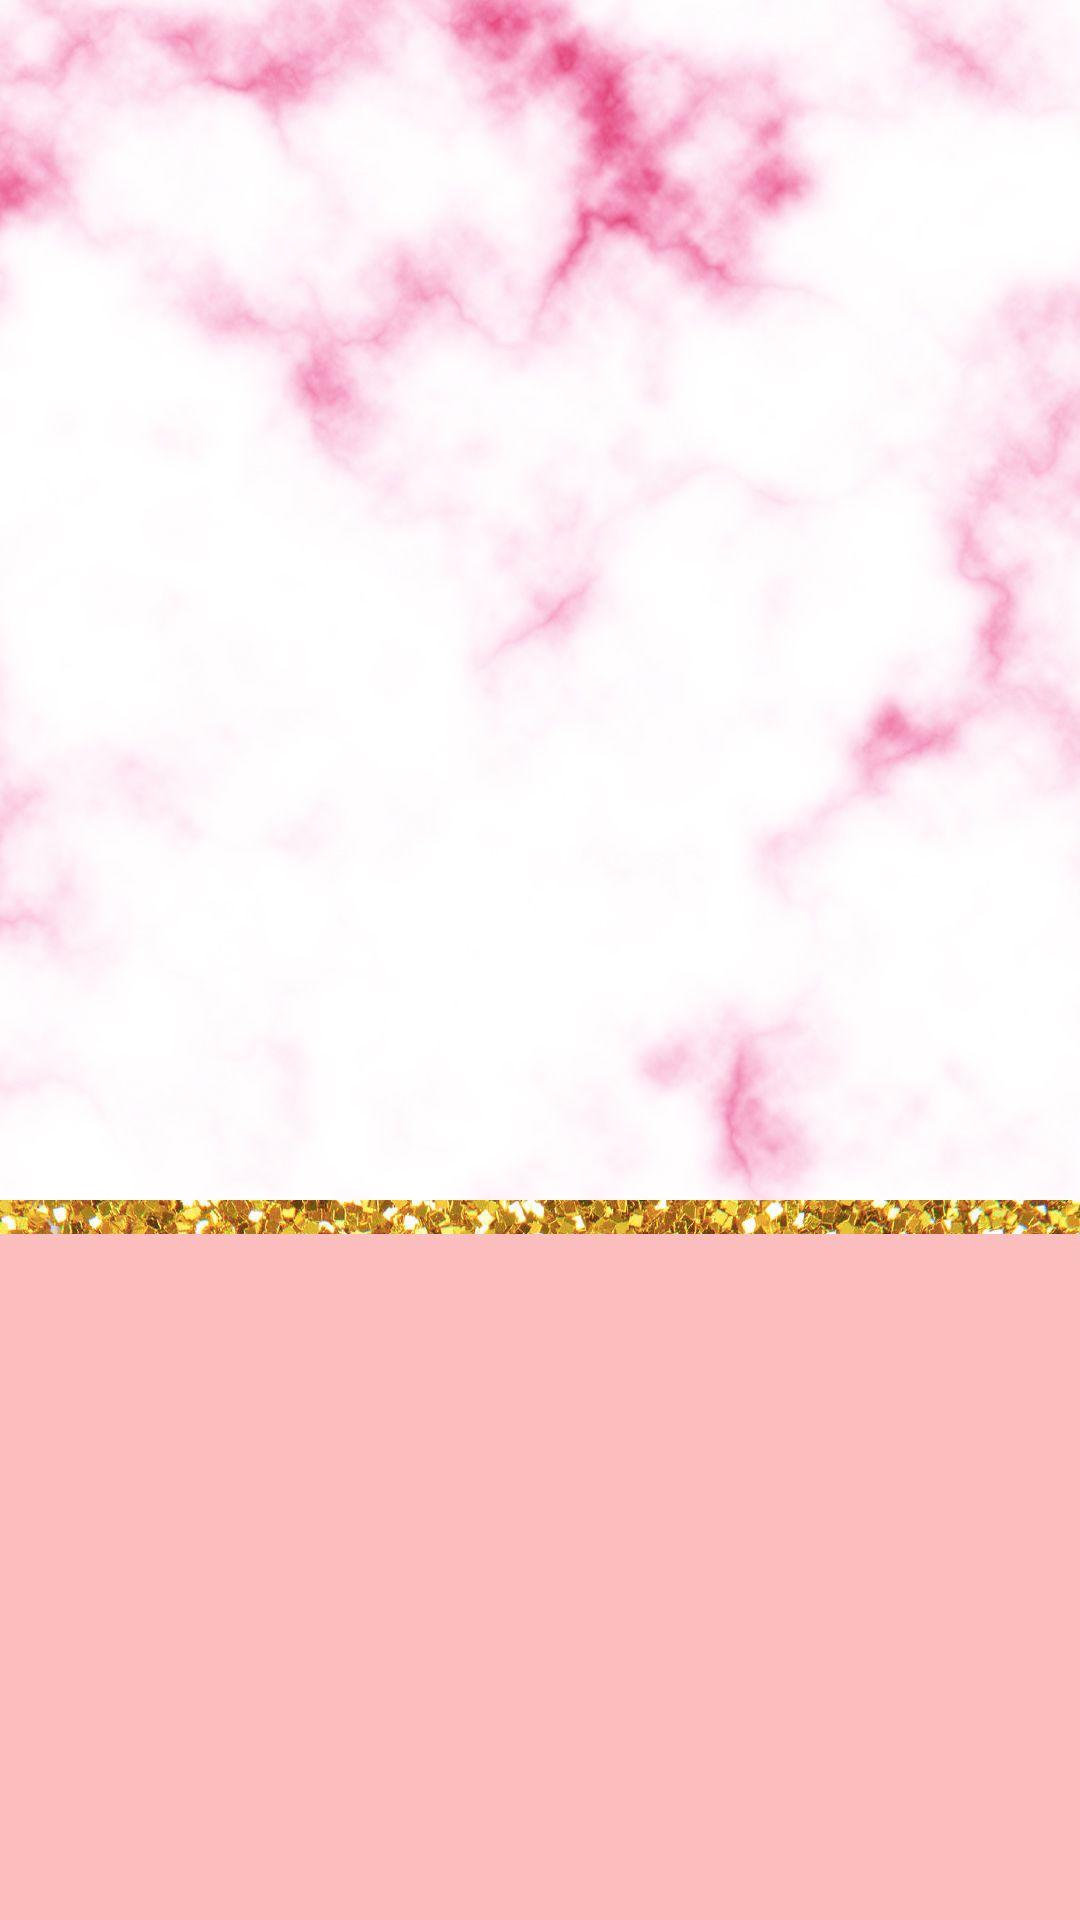 Resultado de imagem para rose gold fondos lindos